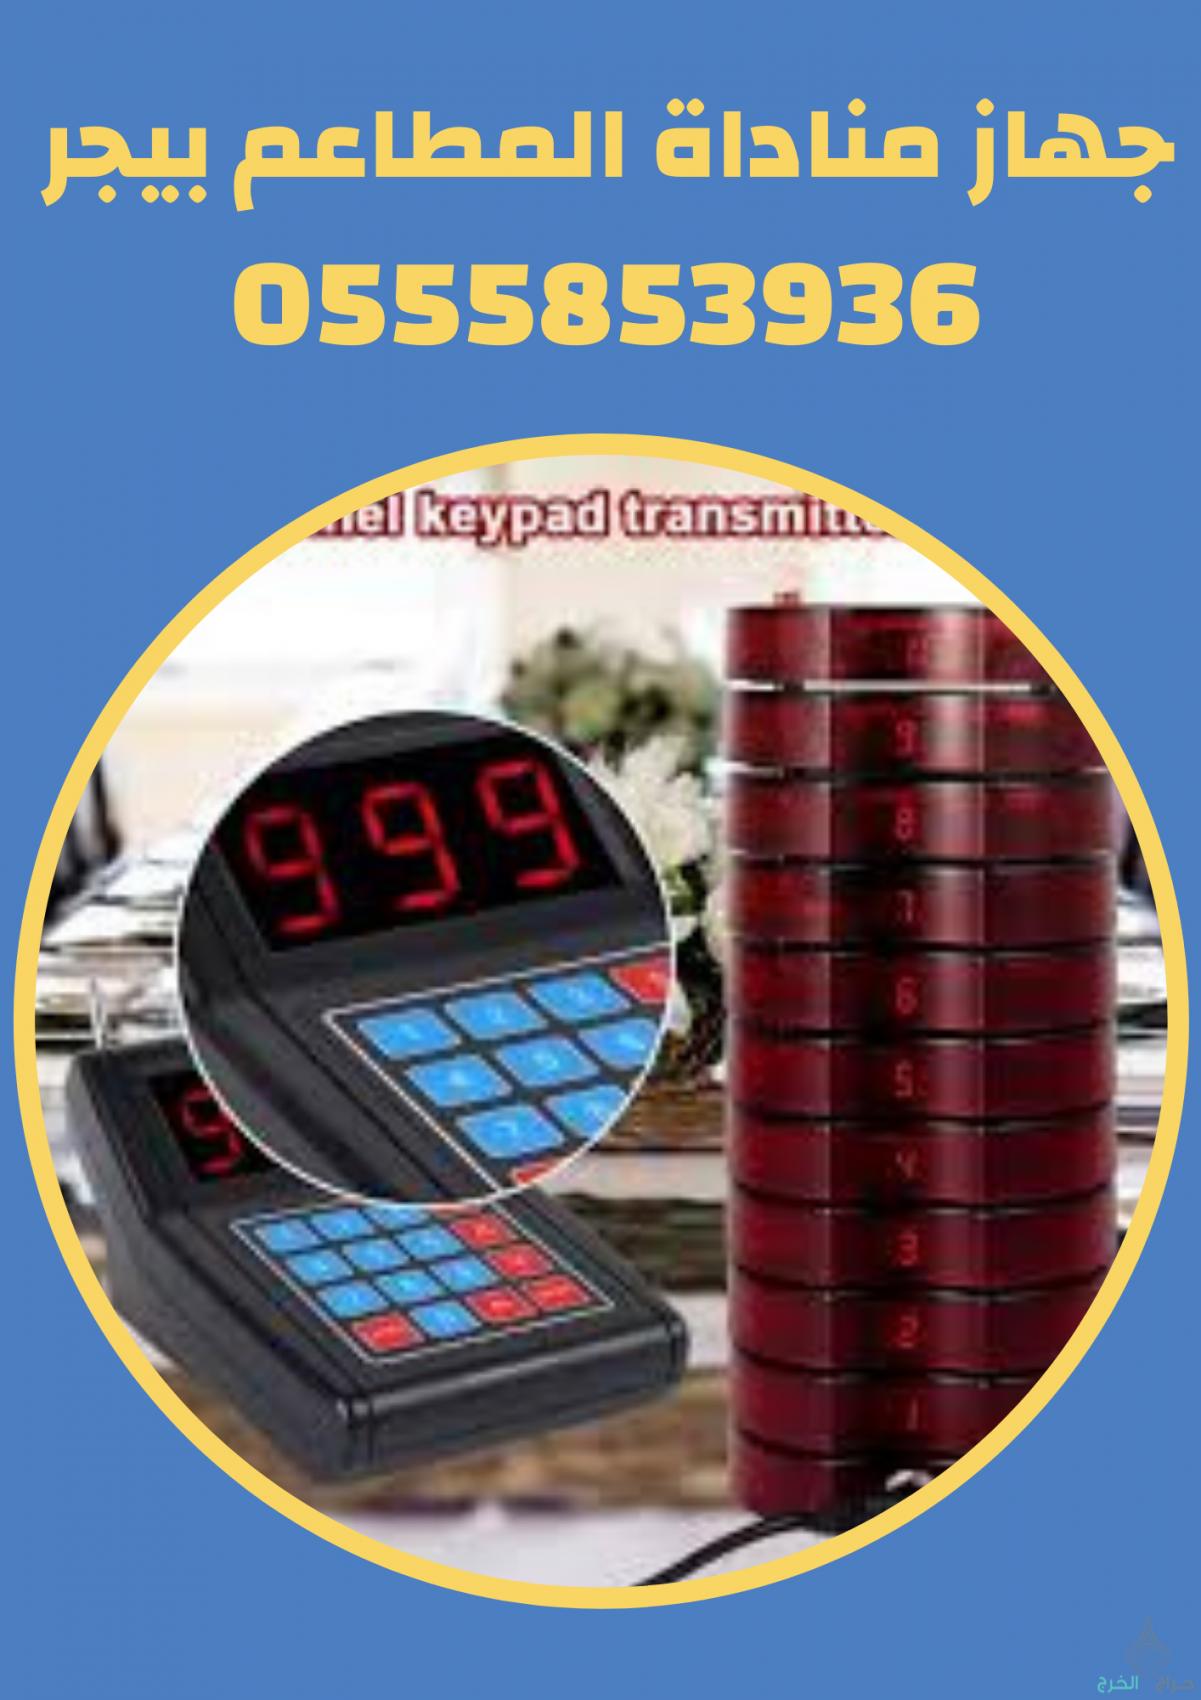 جهاز بيجر دائرى للبيع مع الضمان /مناداة الزبون